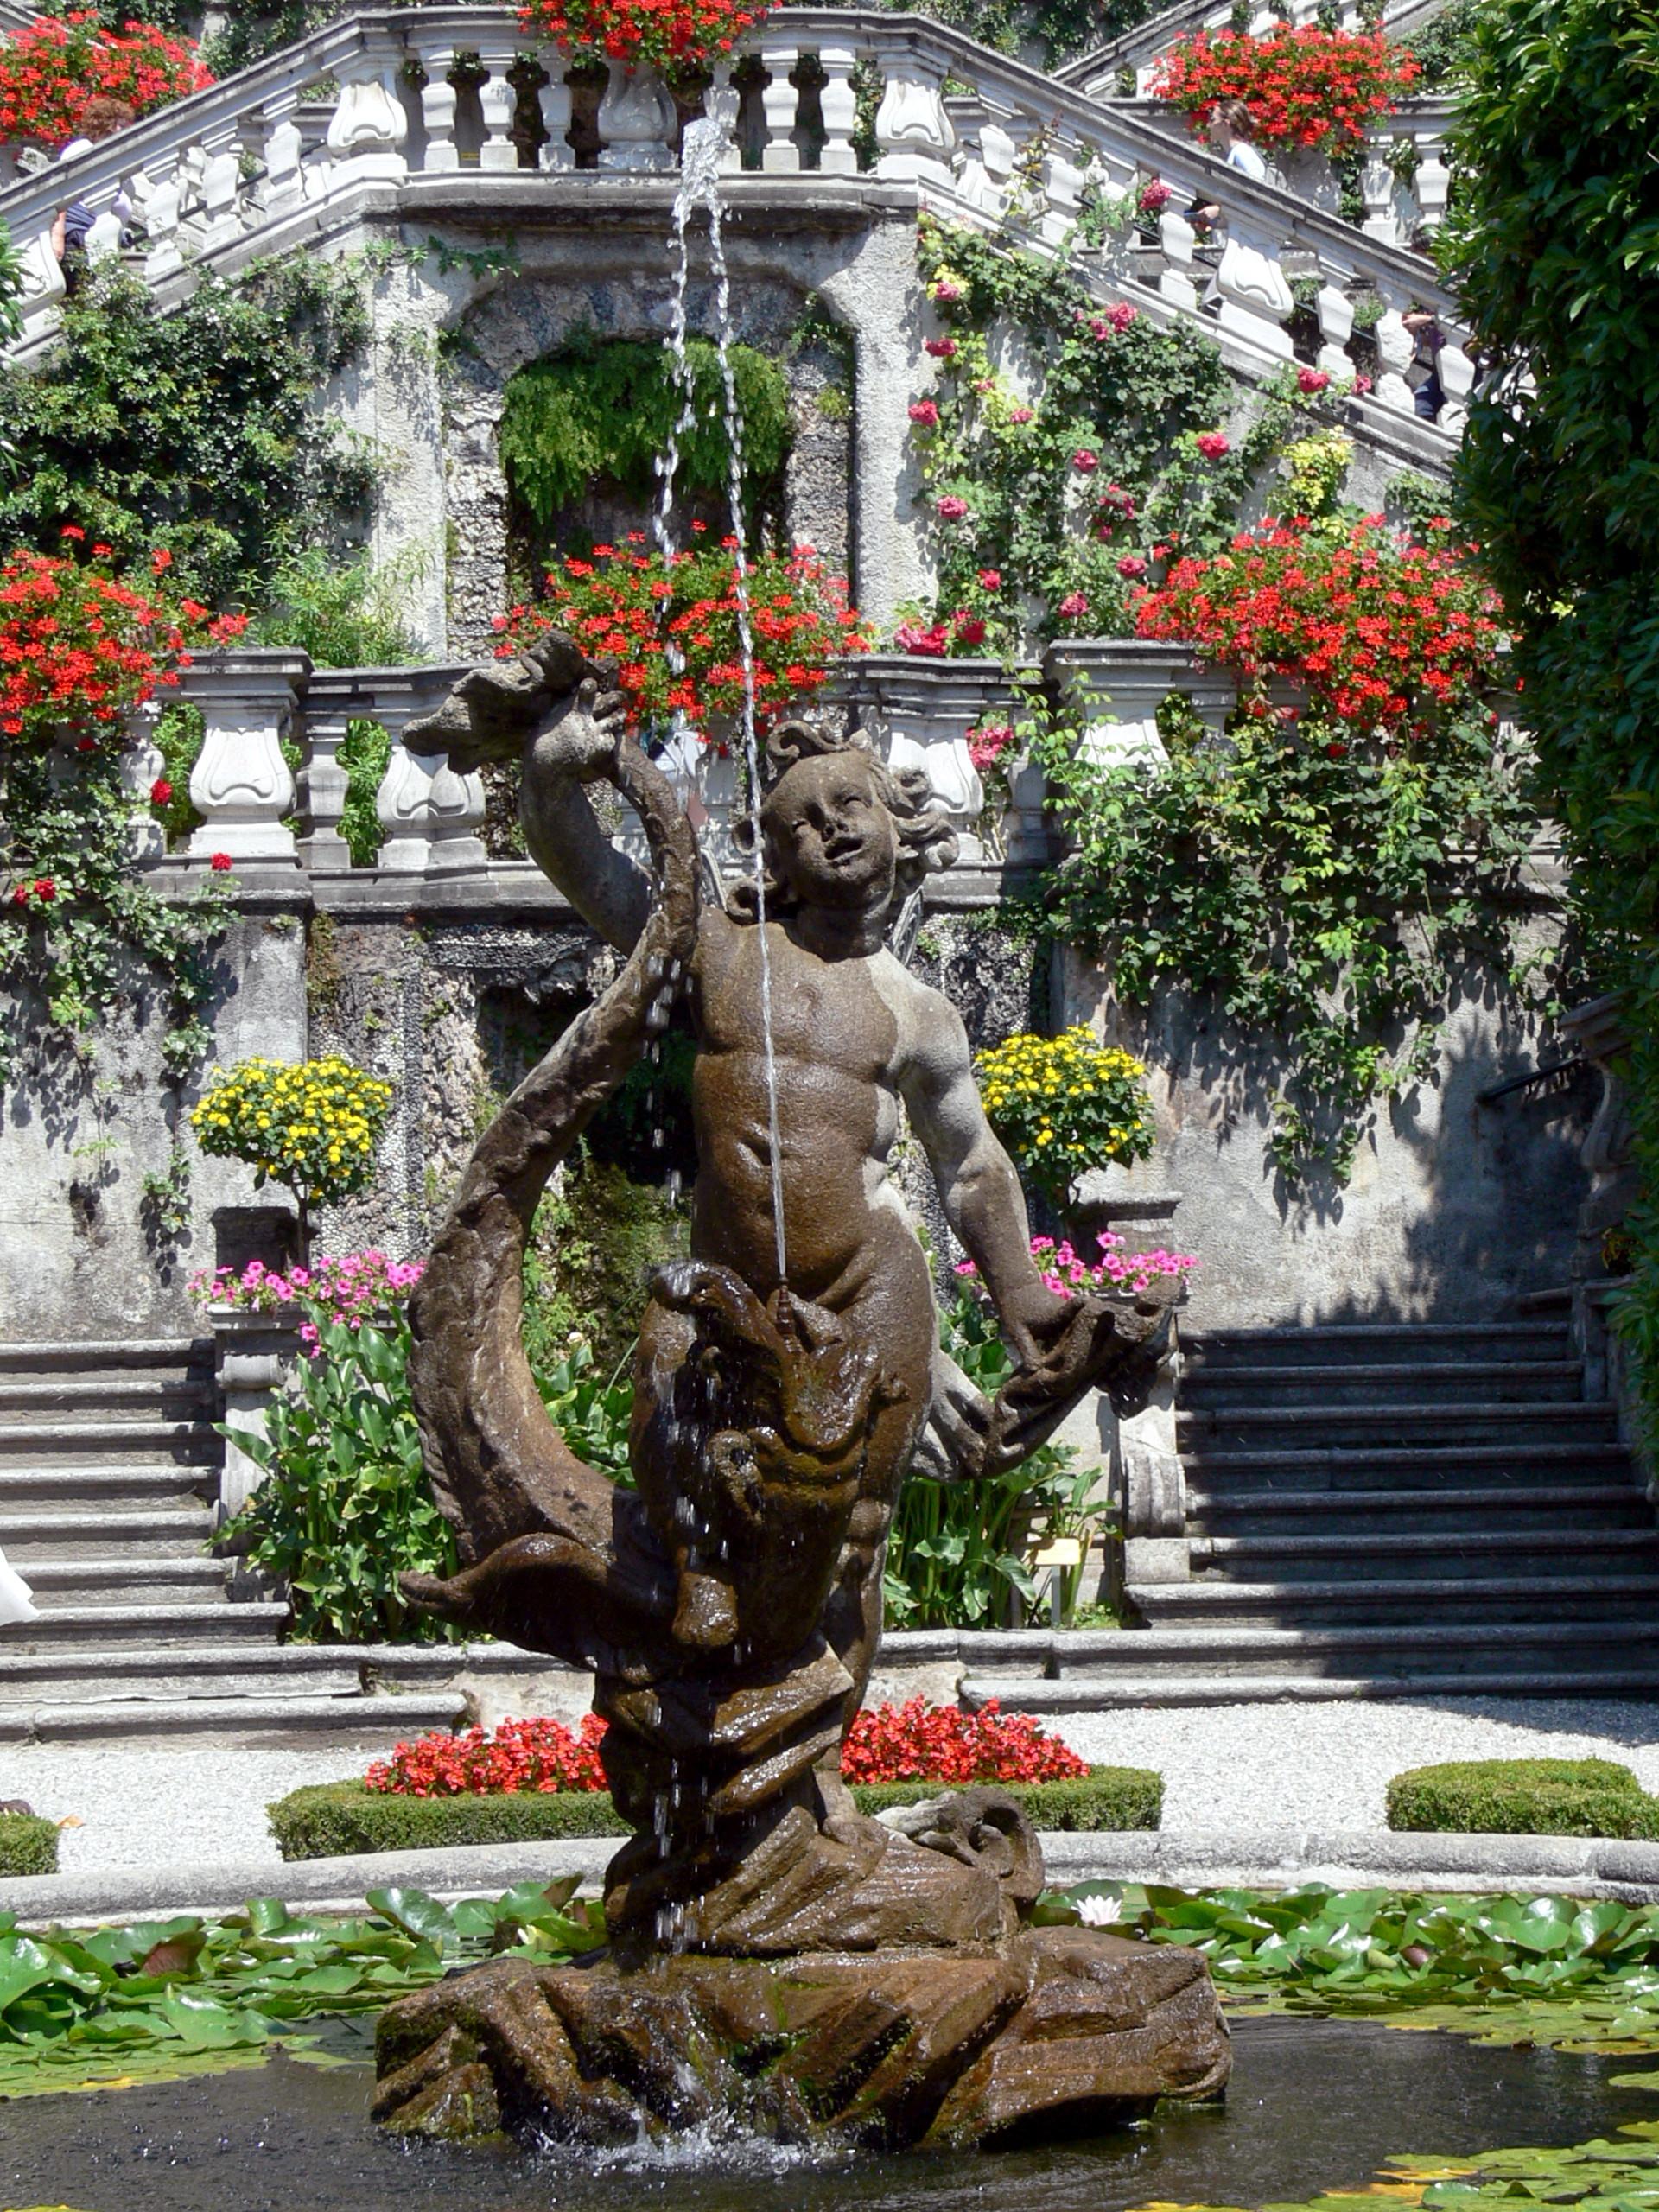 fichier:villa carlotta - gartenfront 2 - brunnen — wikipédia